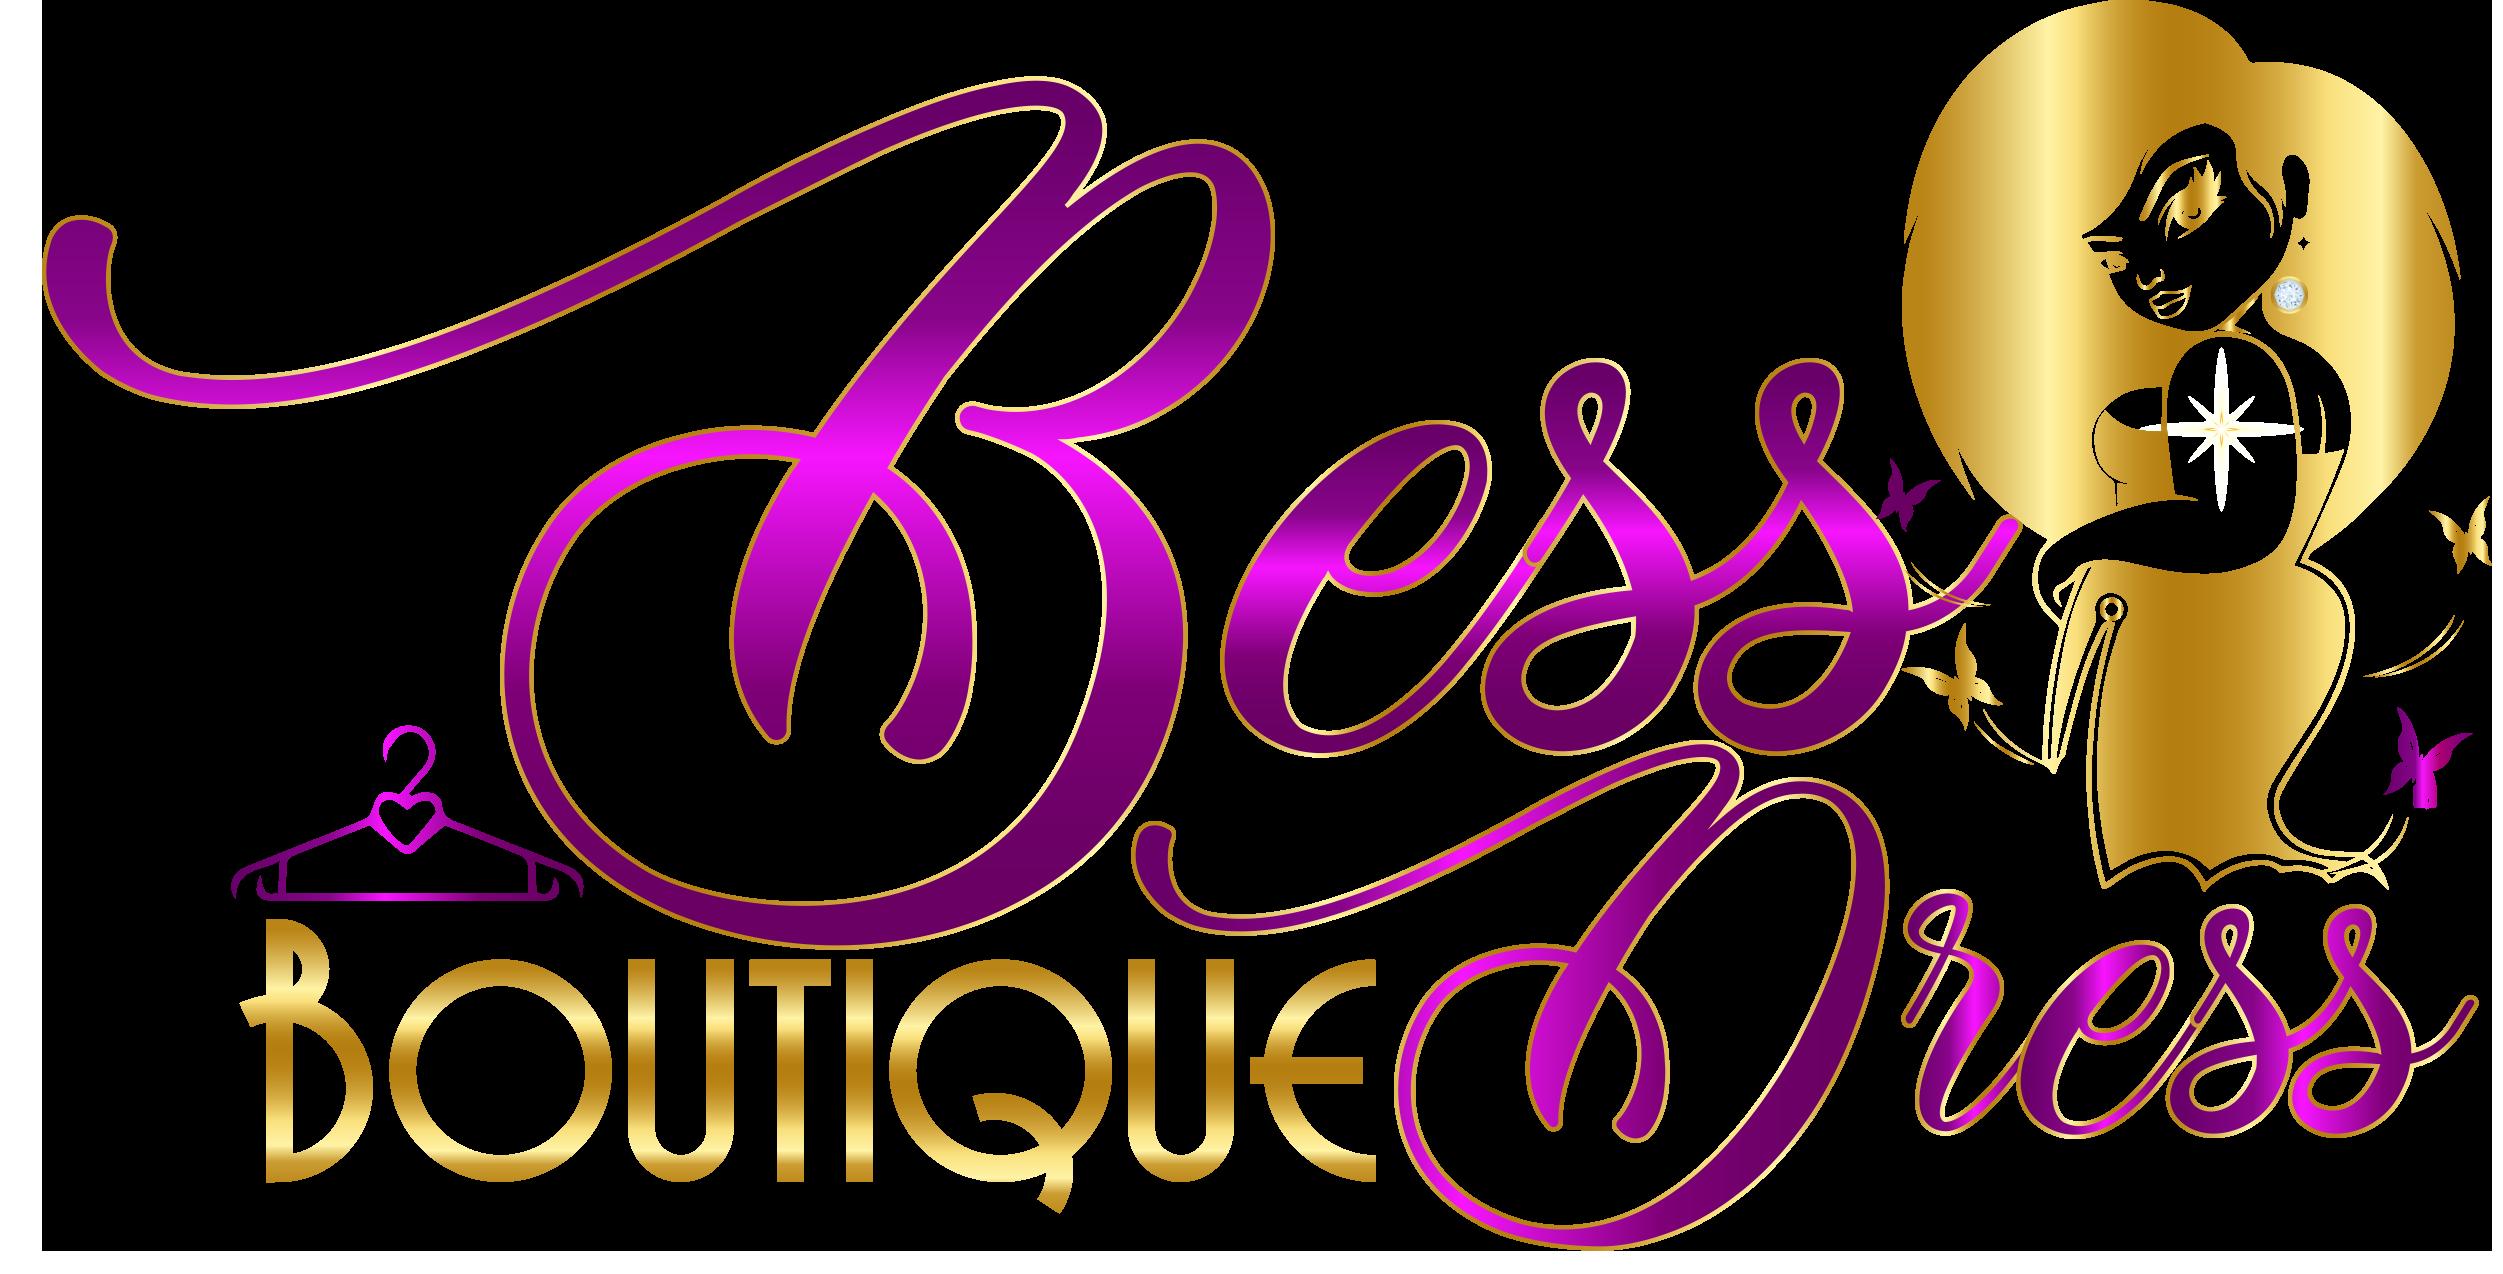 Bess Dress Boutique